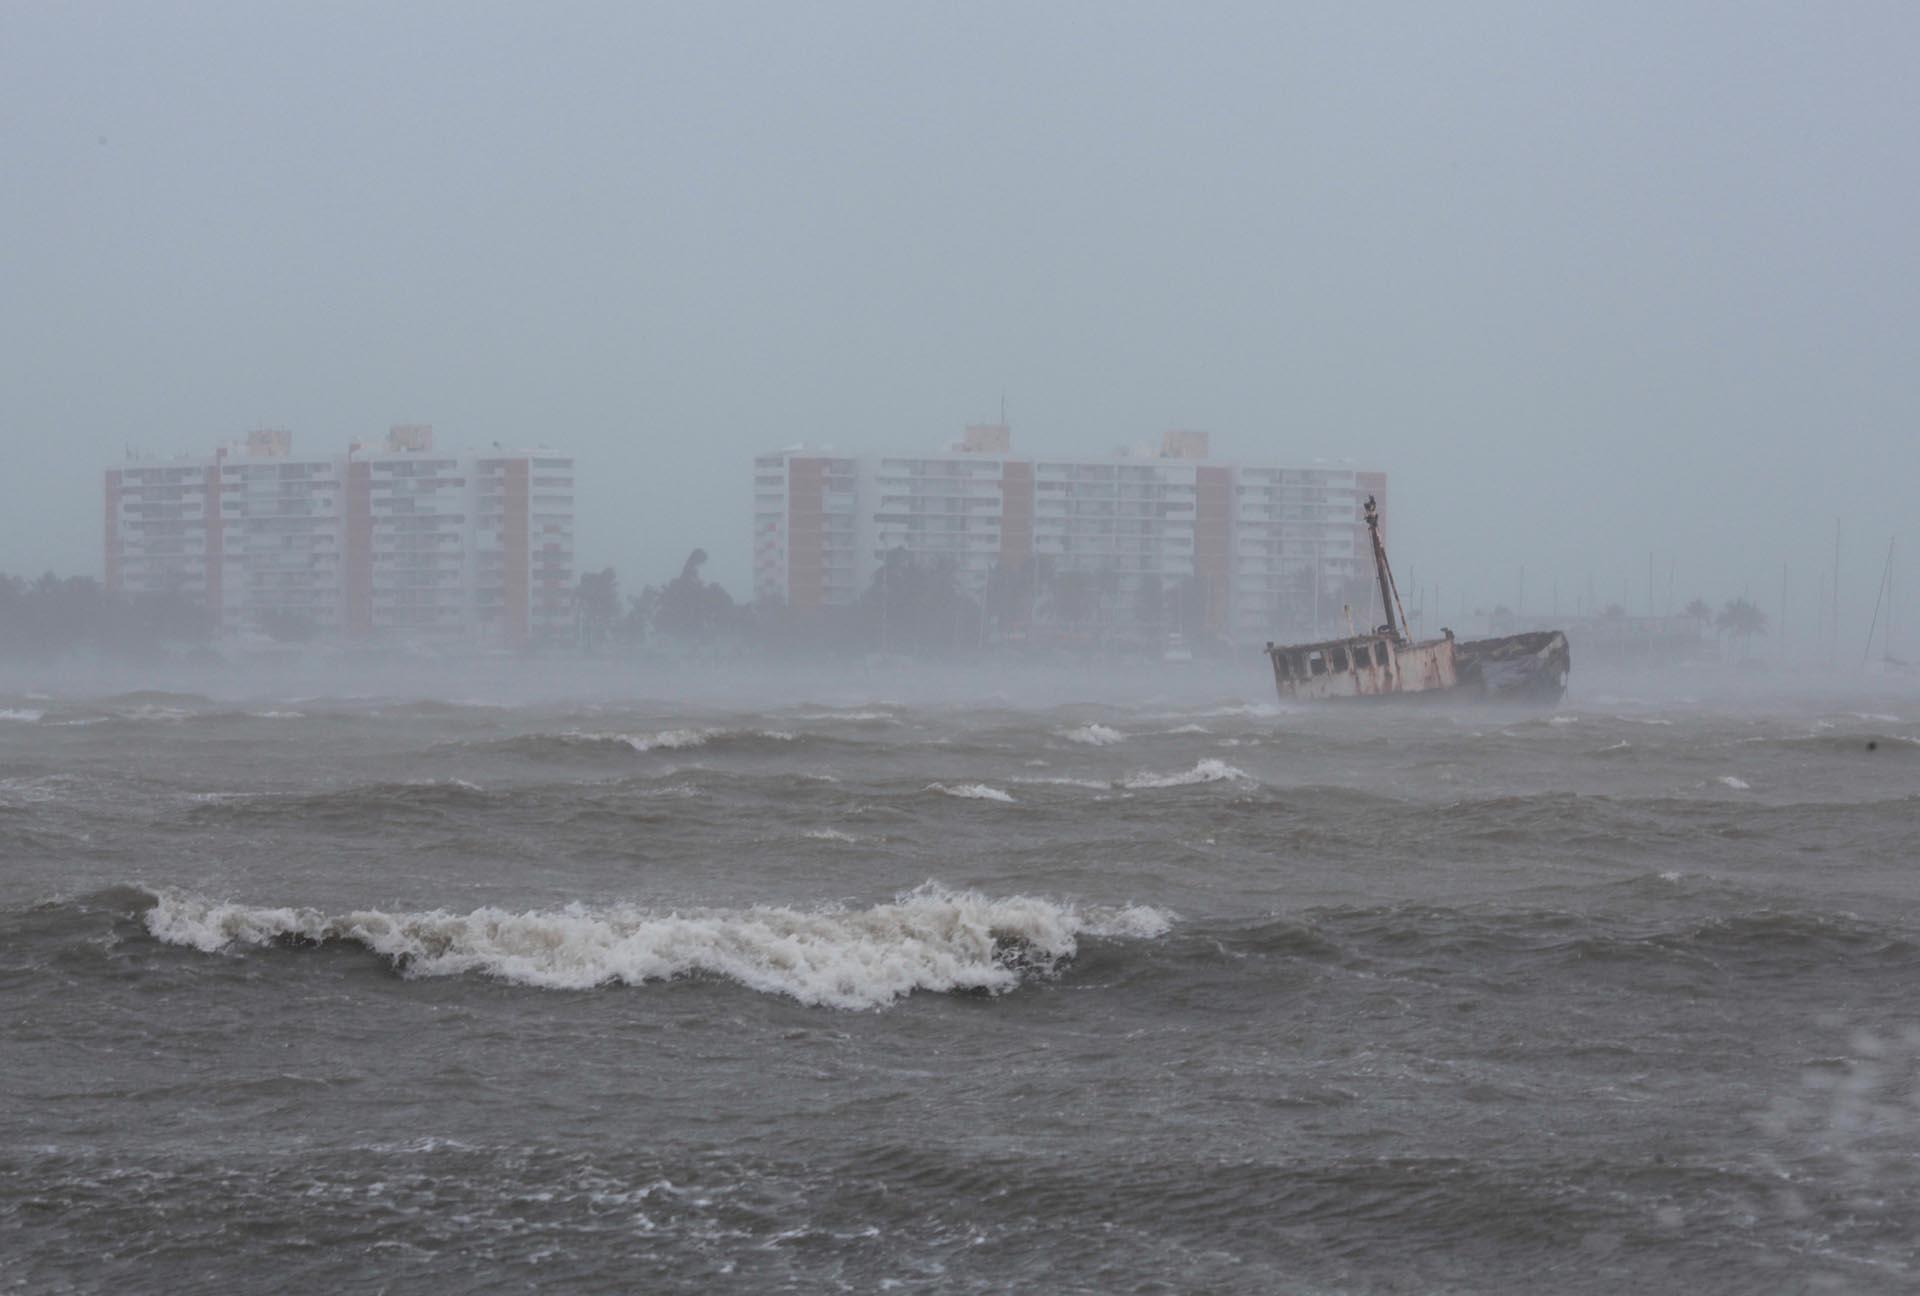 Fajardo, Puerto Rico (REUTERS)